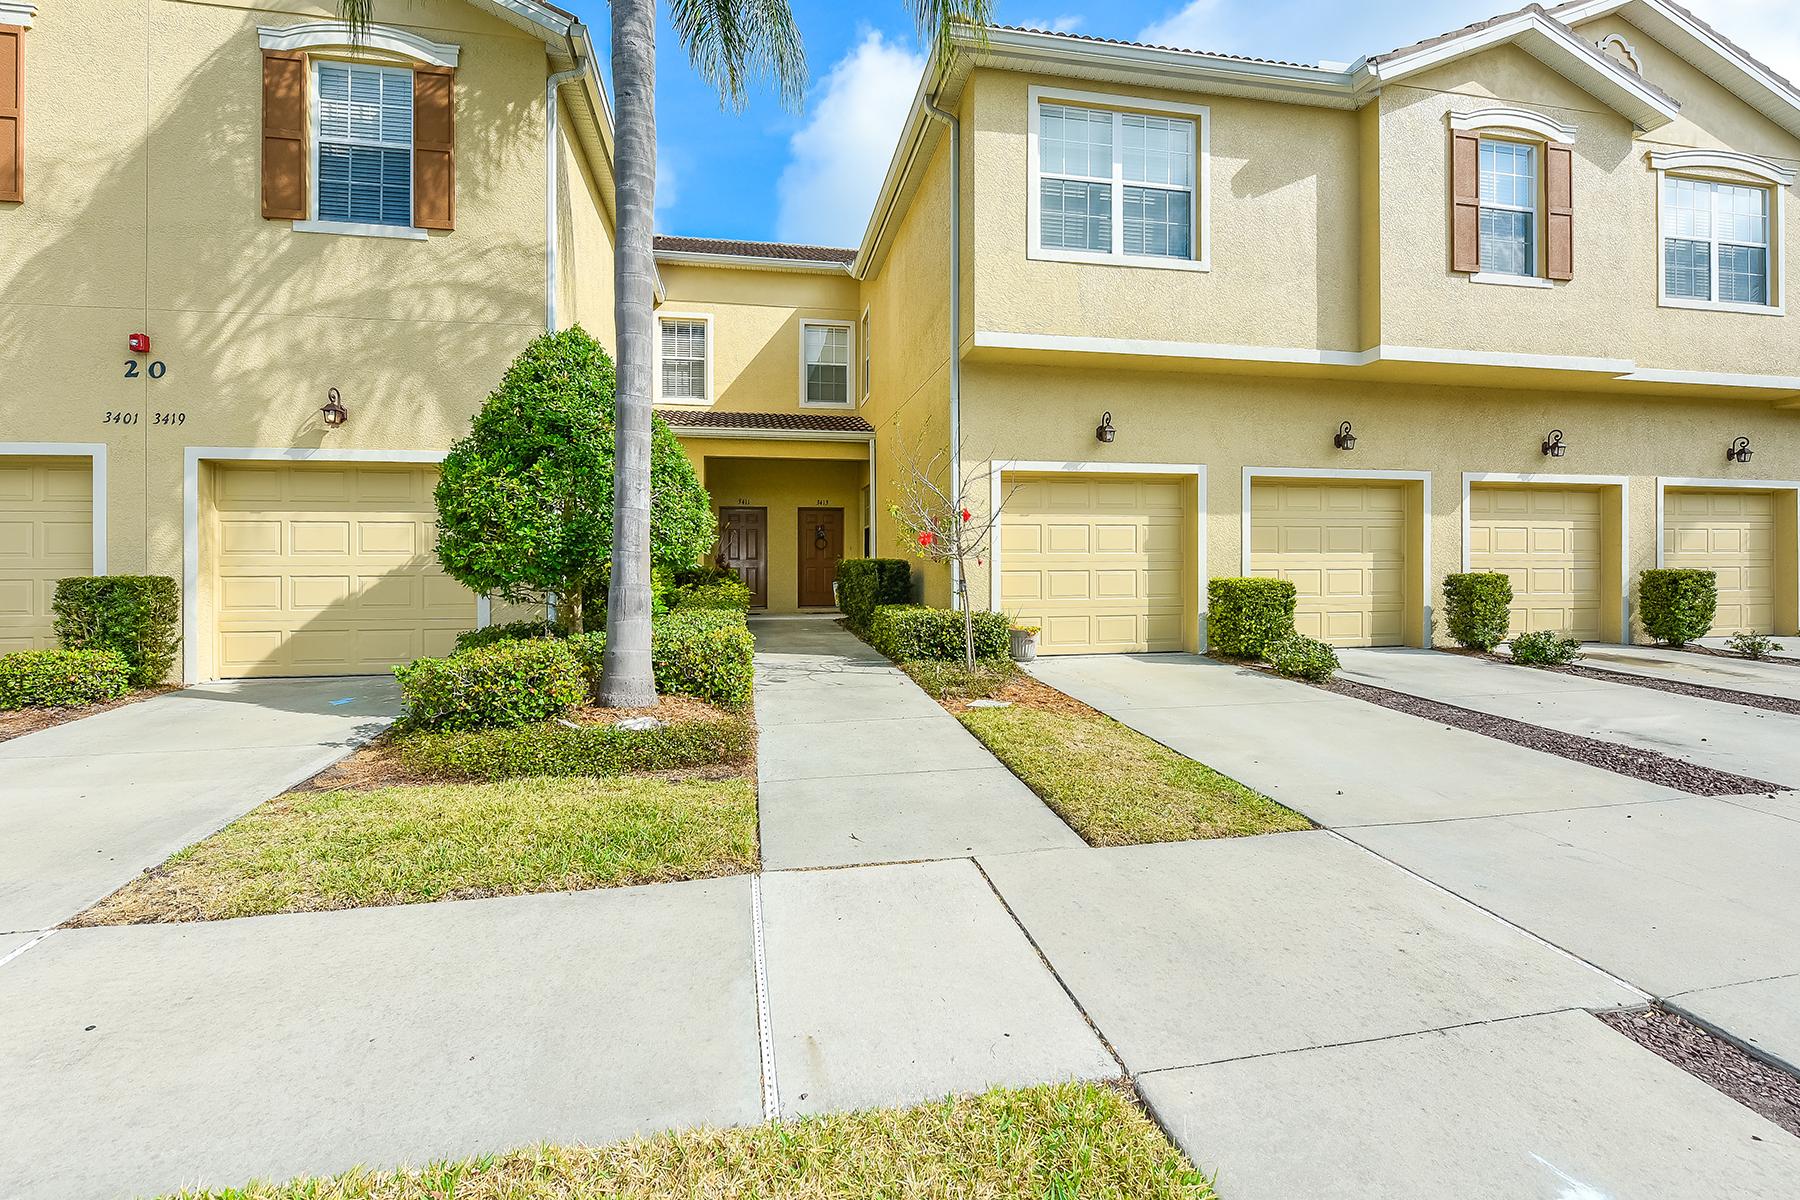 Stadthaus für Verkauf beim PARKRIDGE 3413 Parkridge Cir 20-105 Sarasota, Florida, 34243 Vereinigte Staaten